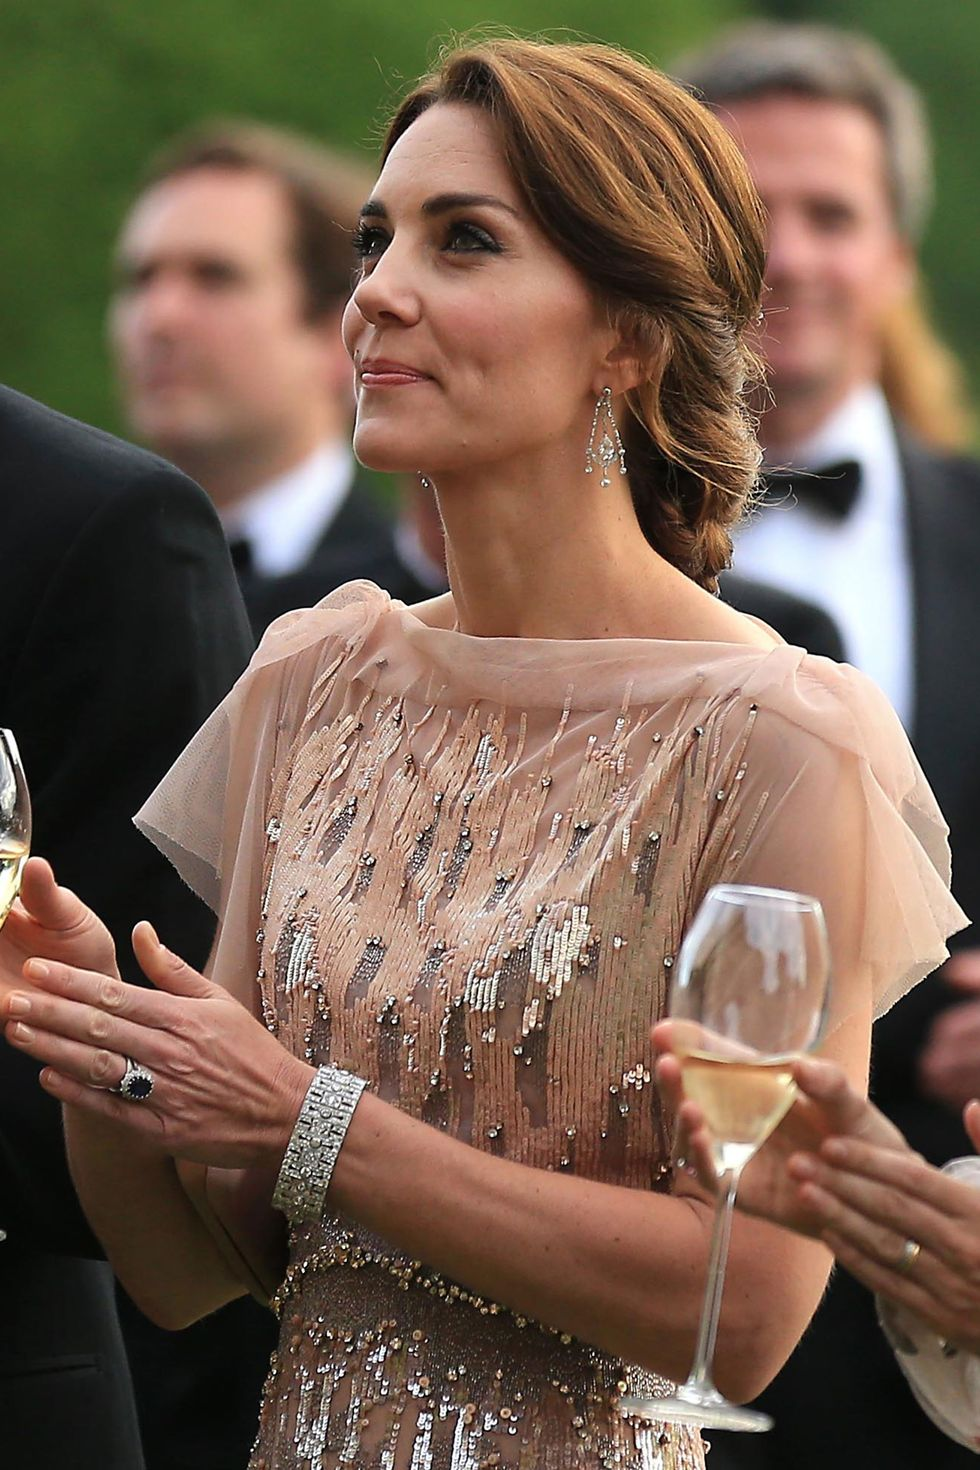 دوقة كامبريدج منسقةً أٌقراط بشكل ثريا متدلية من الماس خلال حفل غالا في إيست آنغليا